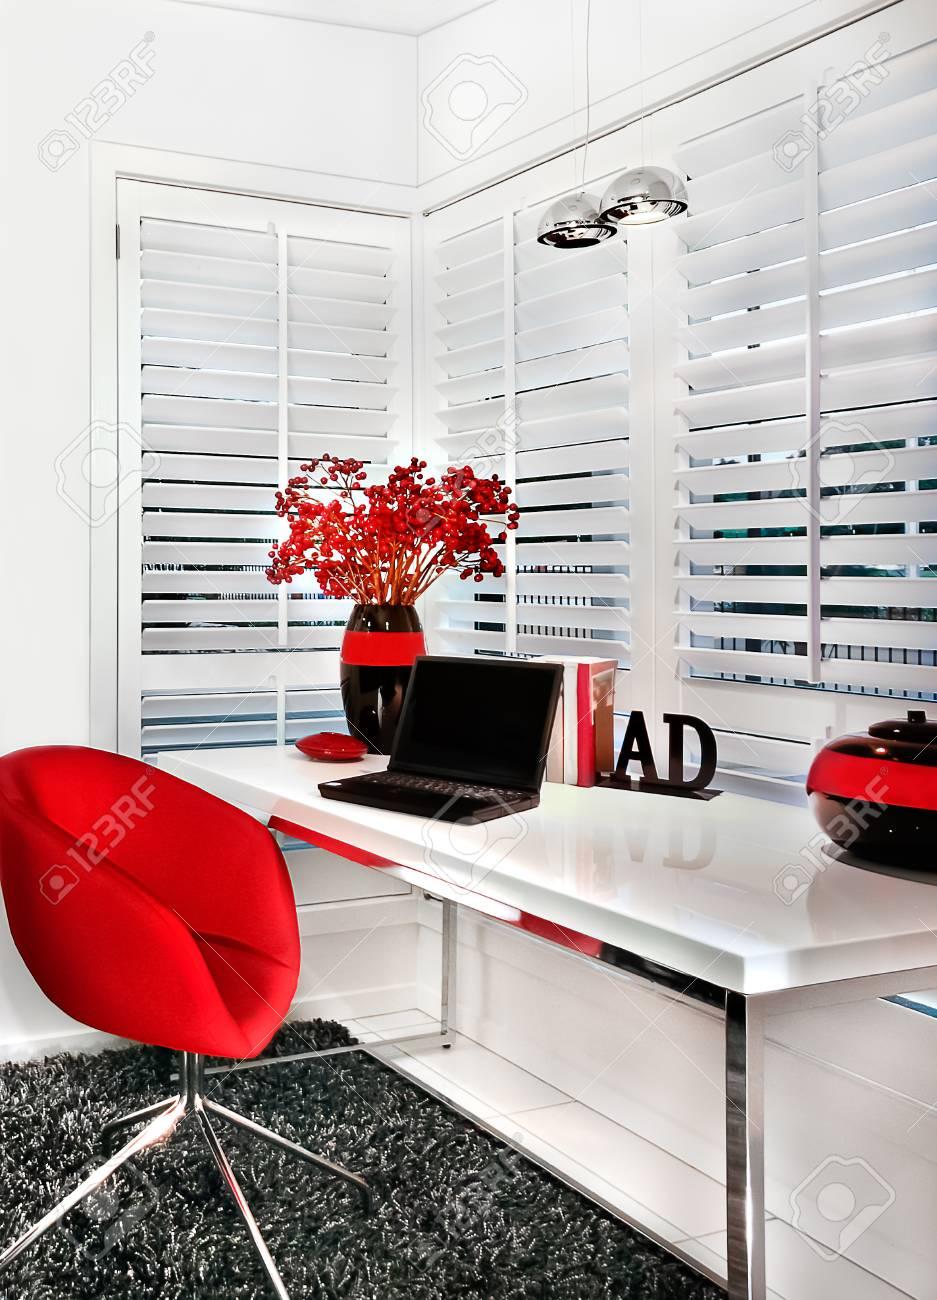 Luxus arbeitszimmer  Das Moderne Arbeitszimmer Eines Luxus-Haus Verfügt über Einen Roten ...